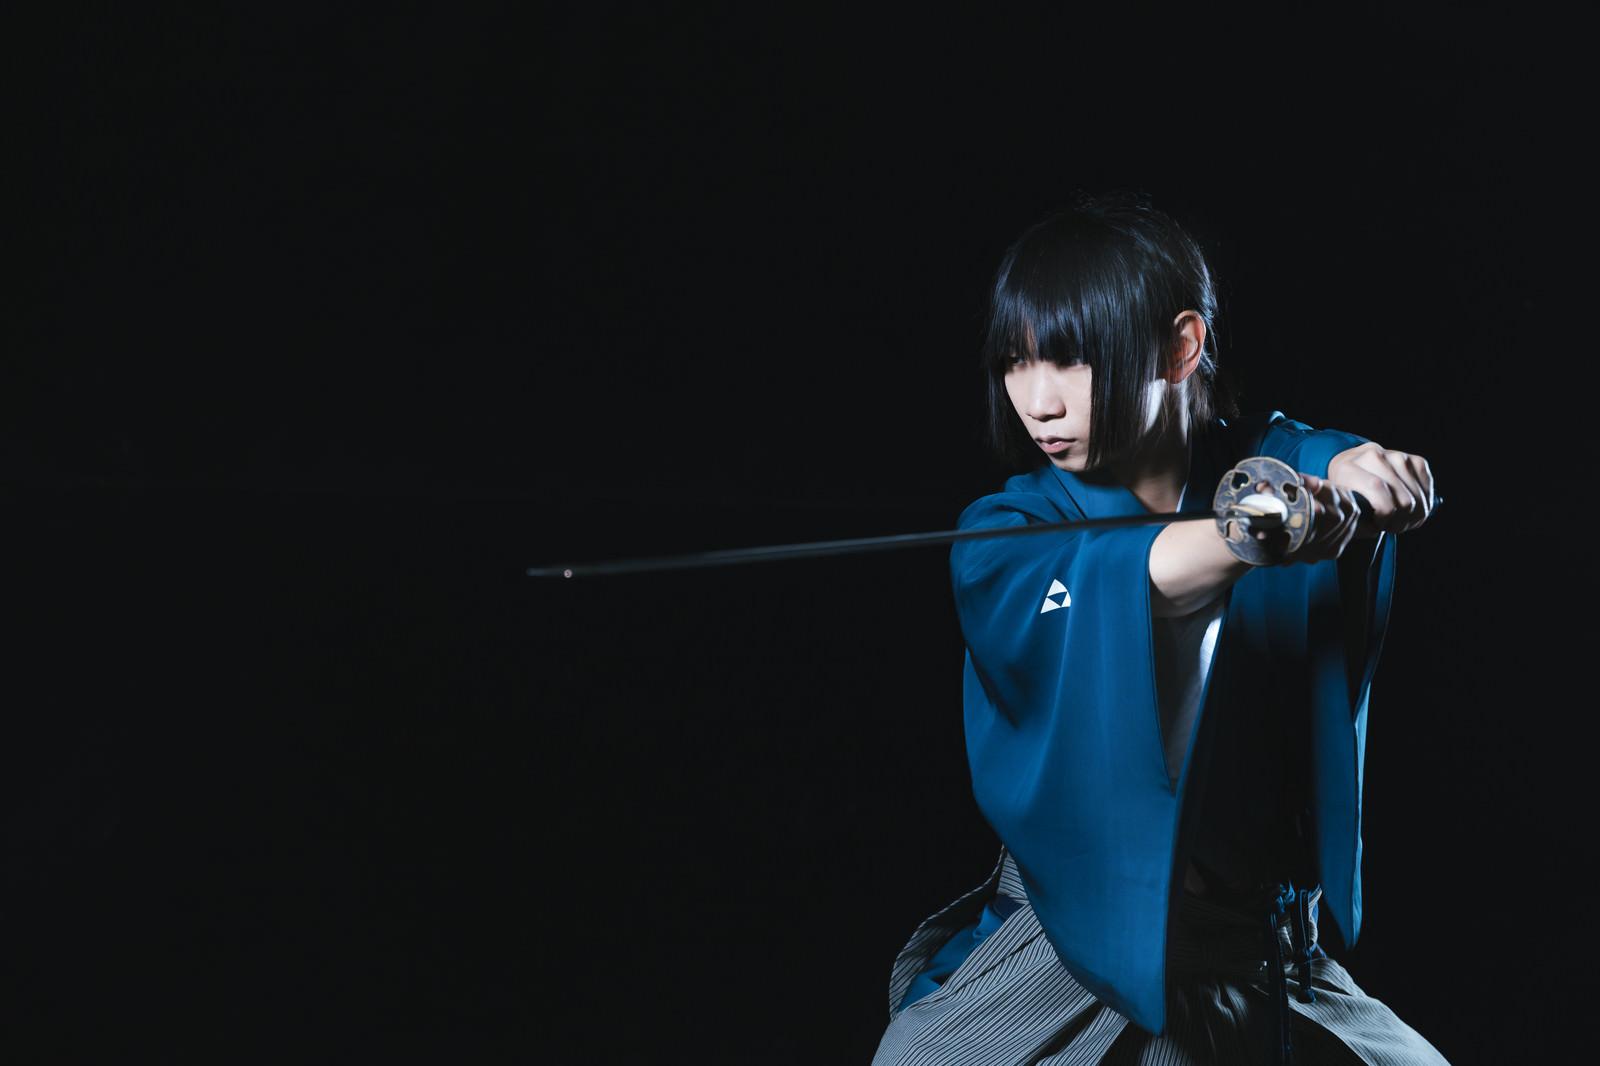 「夜戦に挑む剣士」の写真[モデル:まーこ]